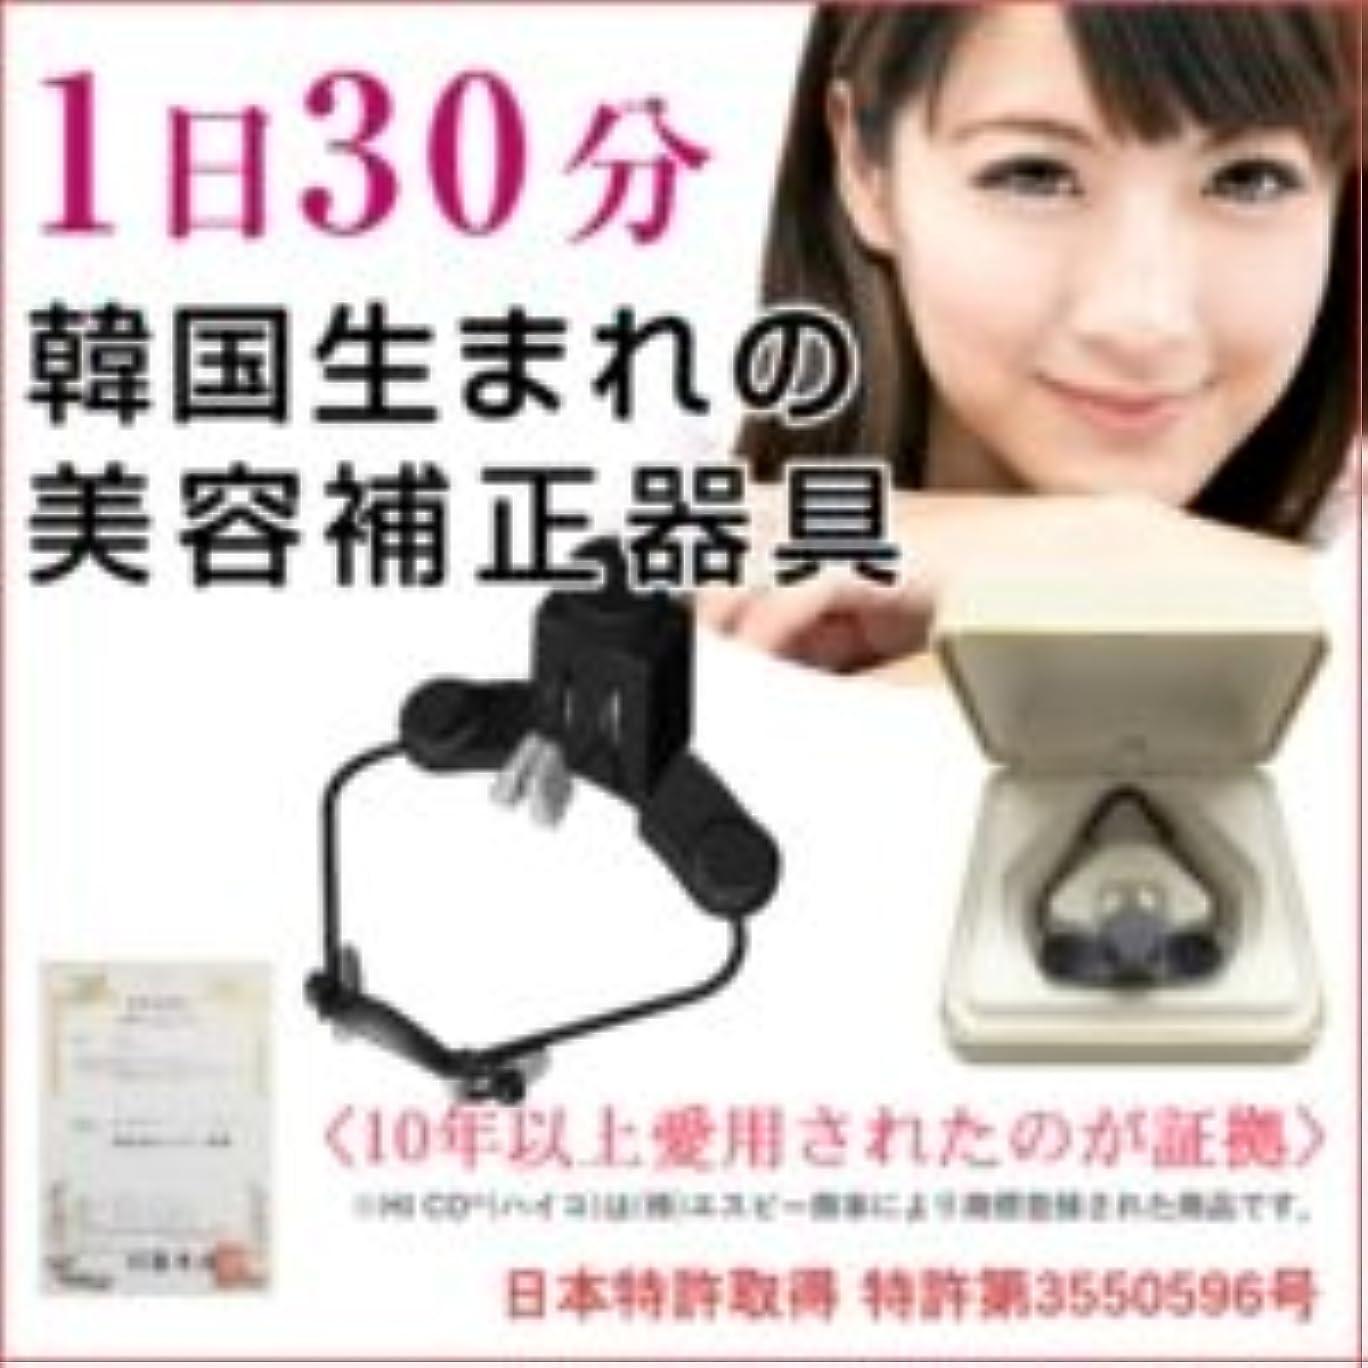 領収書一方、判読できないハイコ (HICO) 美鼻補整器具